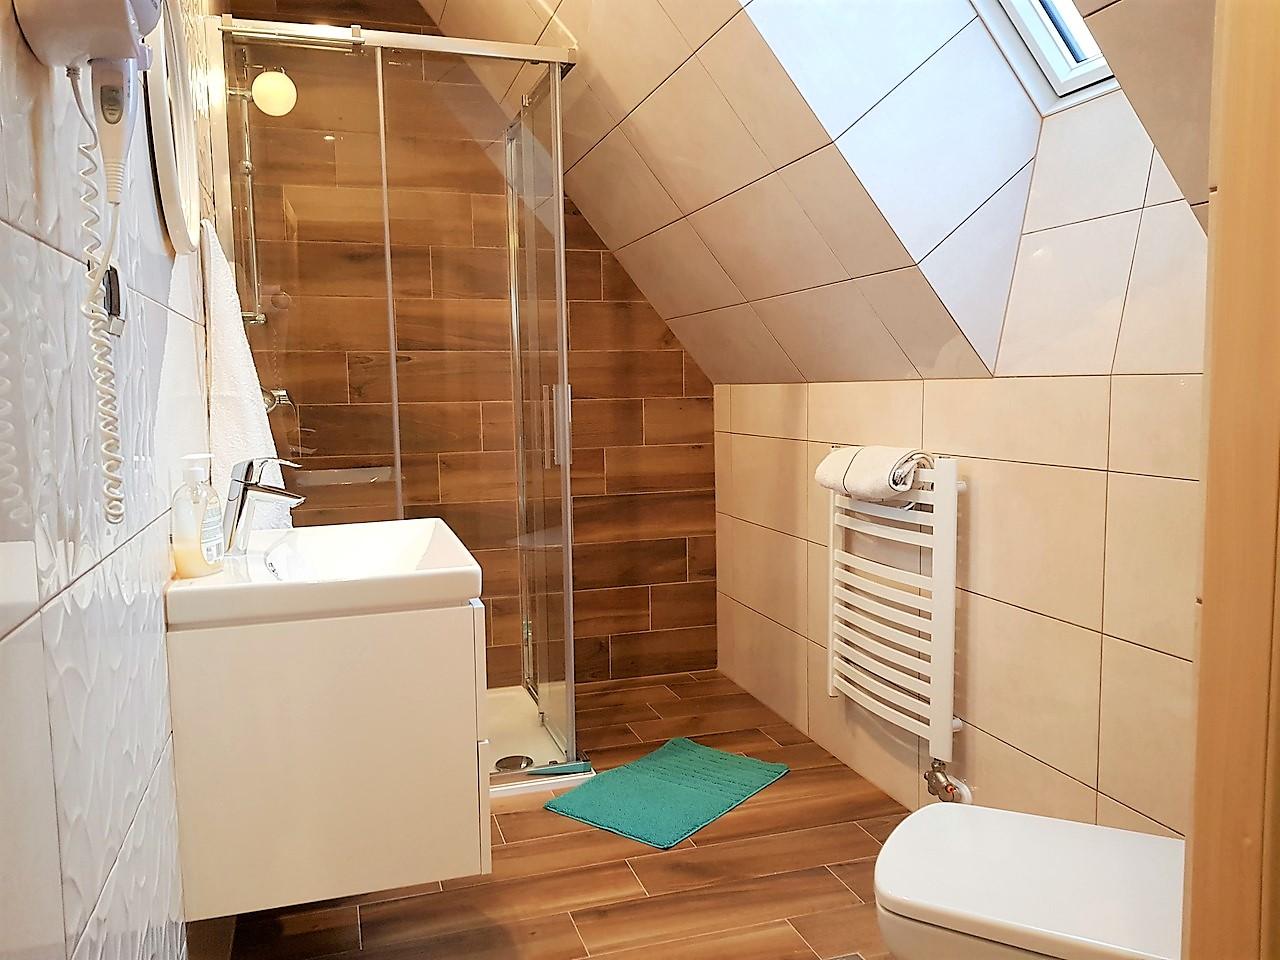 pokoje zakopane 5 łazienka (1)